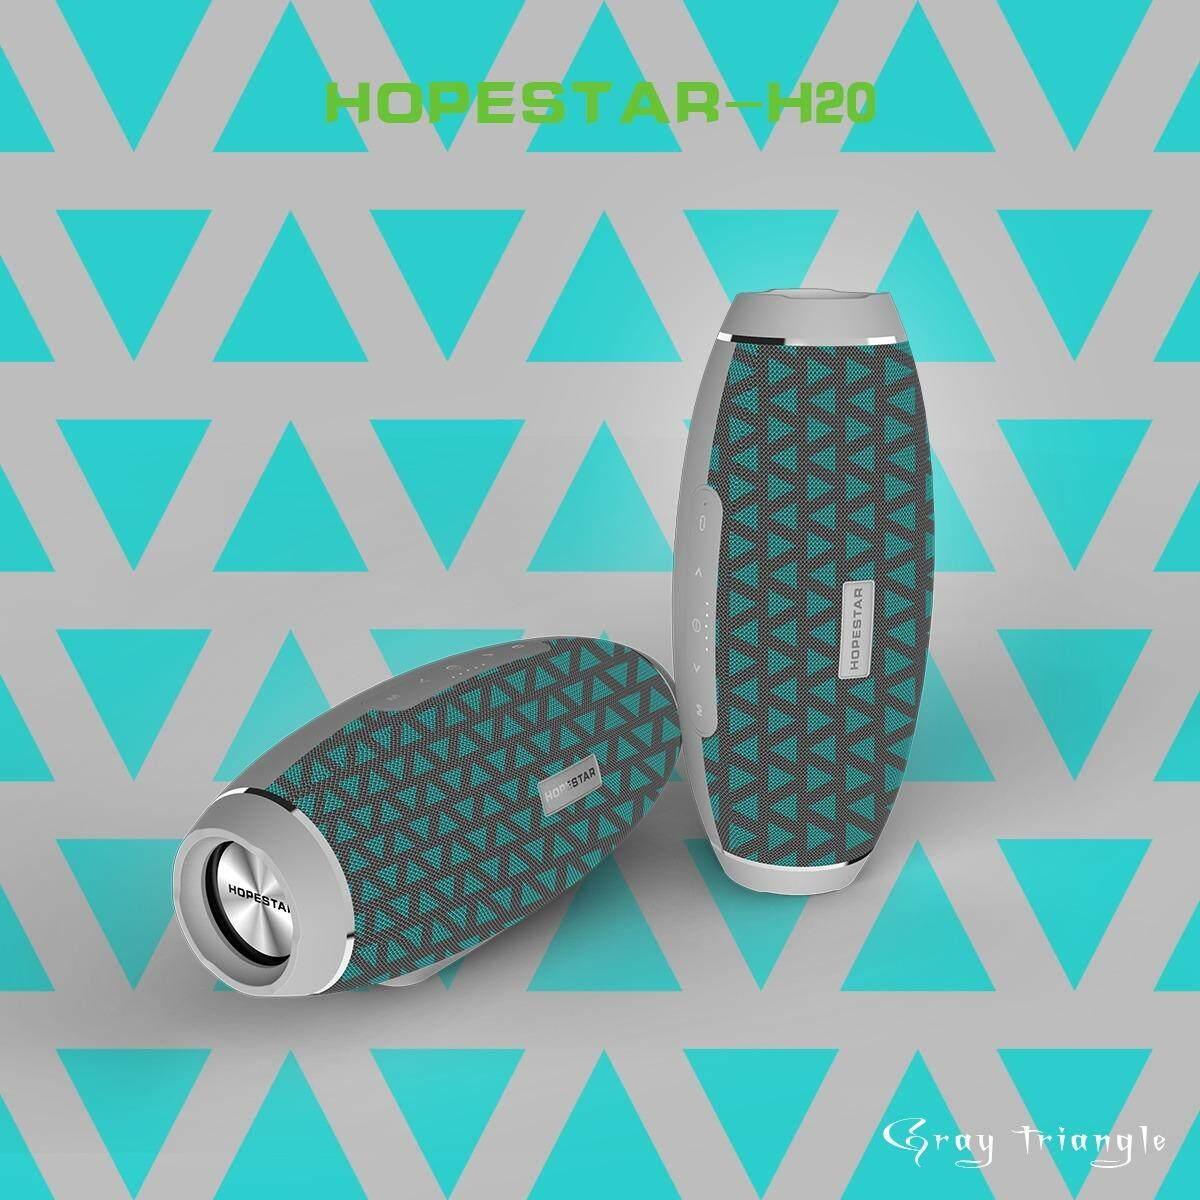 ขาย Hopestar H20 Bluetooth Speaker สีขาว แท้100 Hopestar ถูก